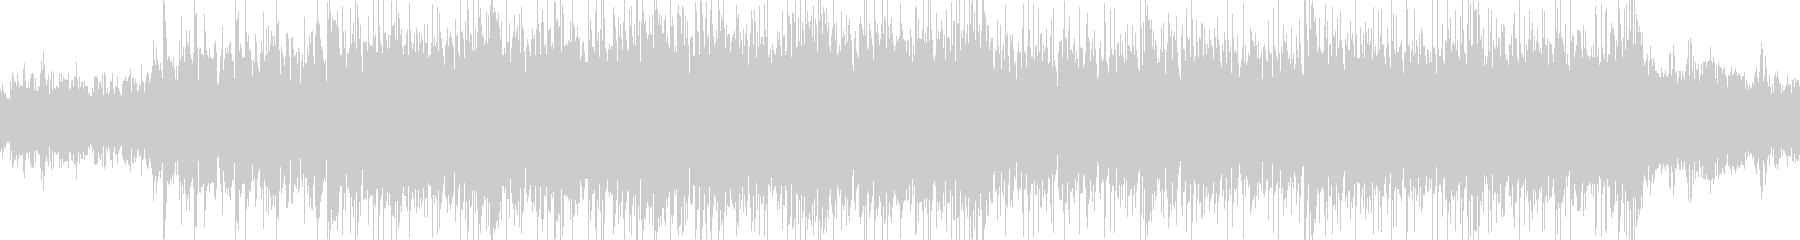 神秘的なループBGMの未再生の波形